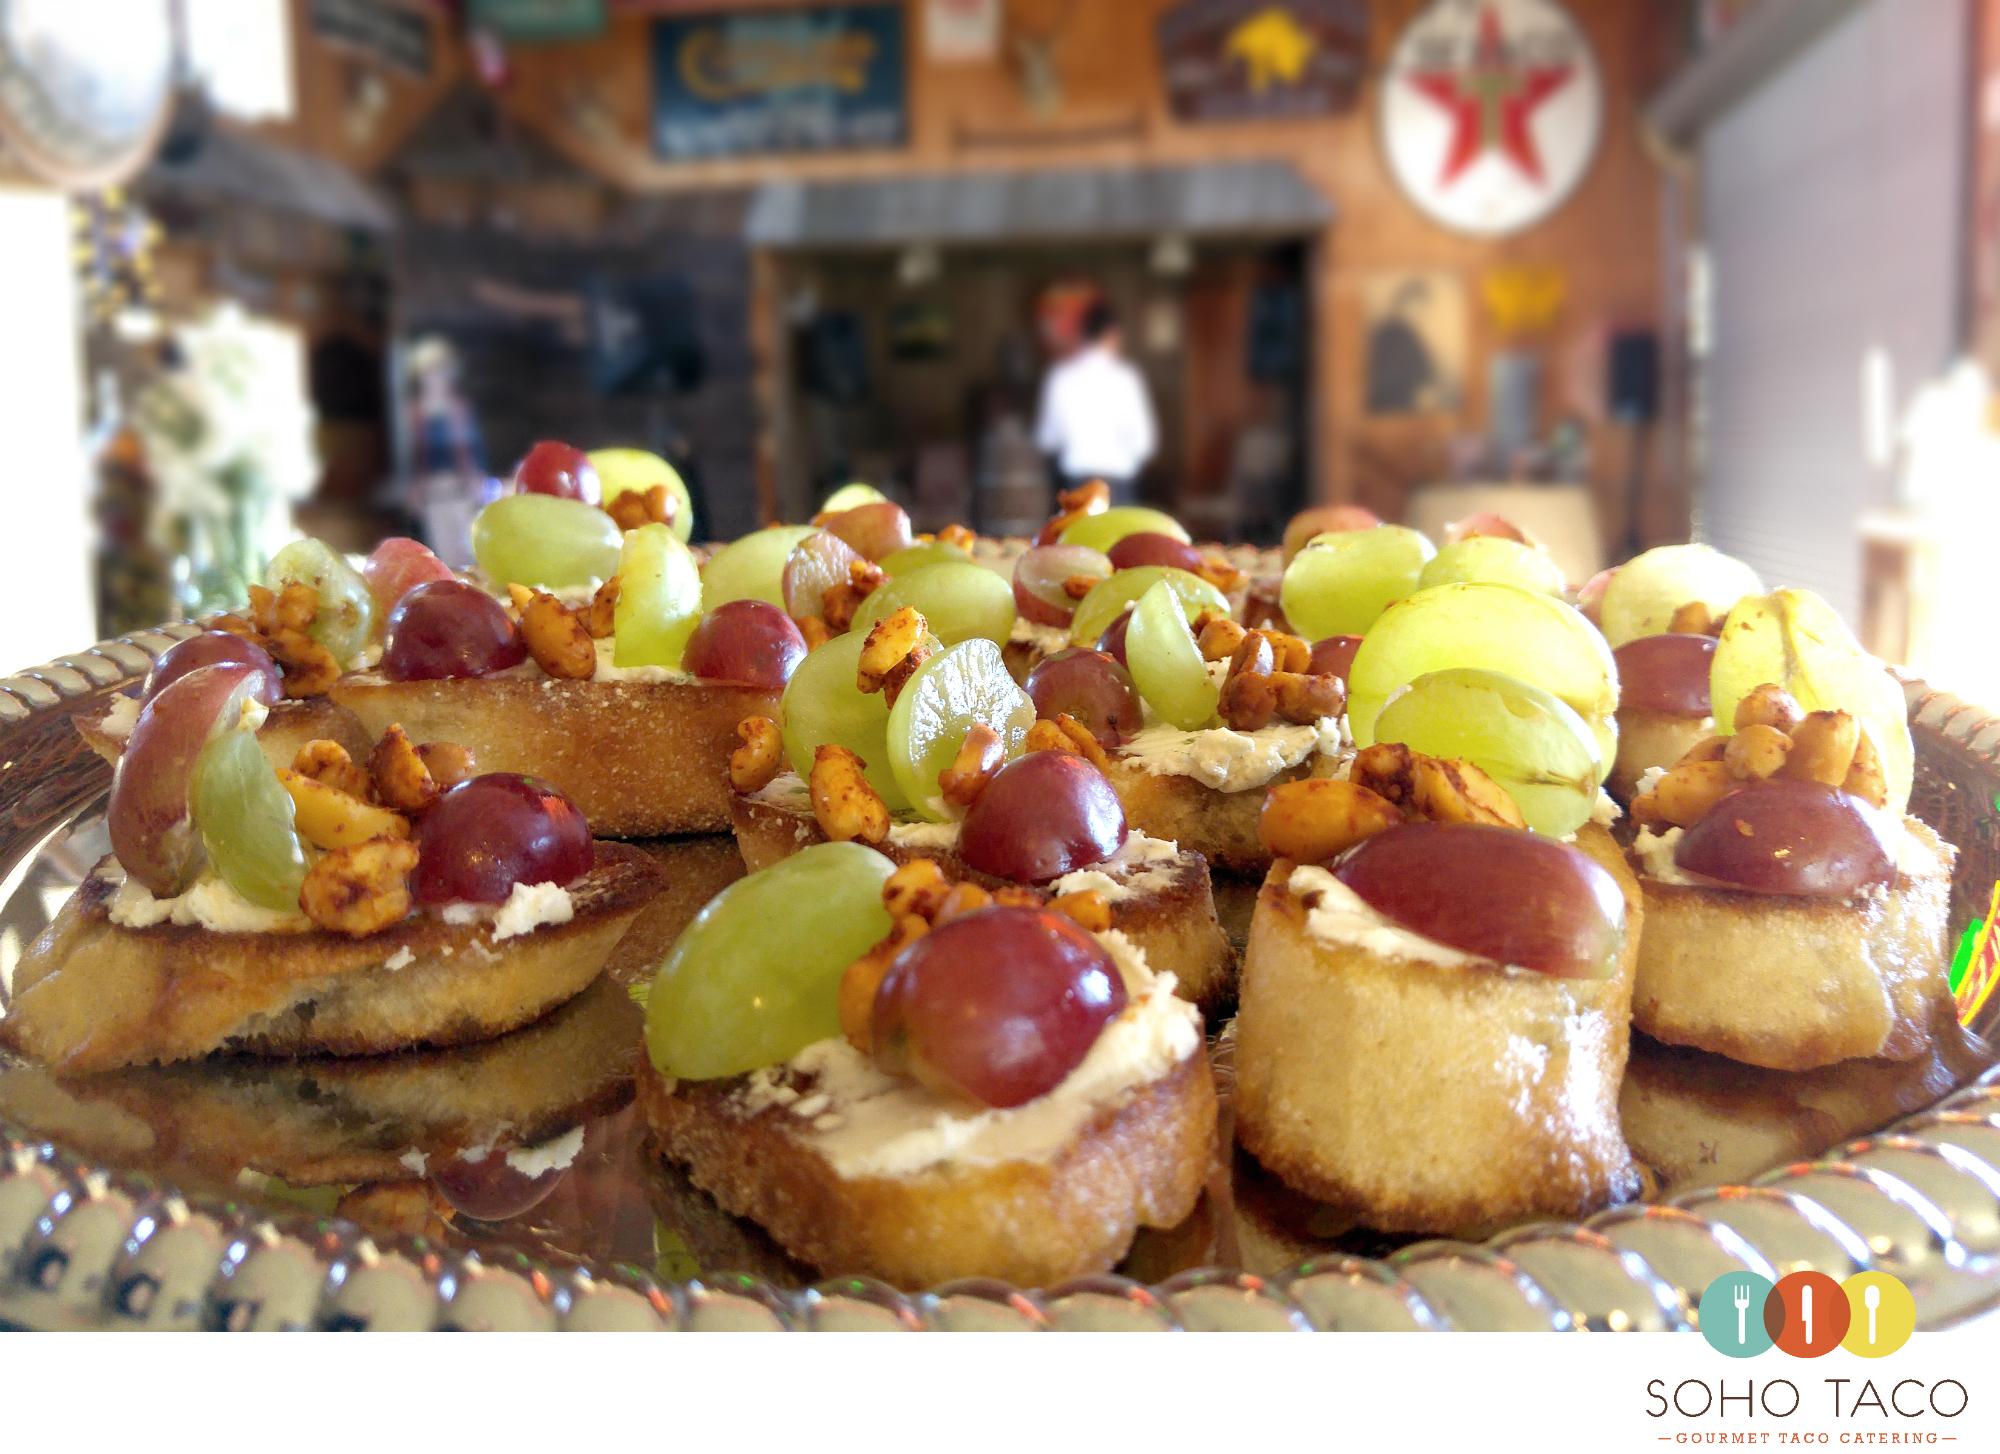 SOHO TACO Gourmet Taco Catering - Holland Ranch - Wedding - San Luis Obispo